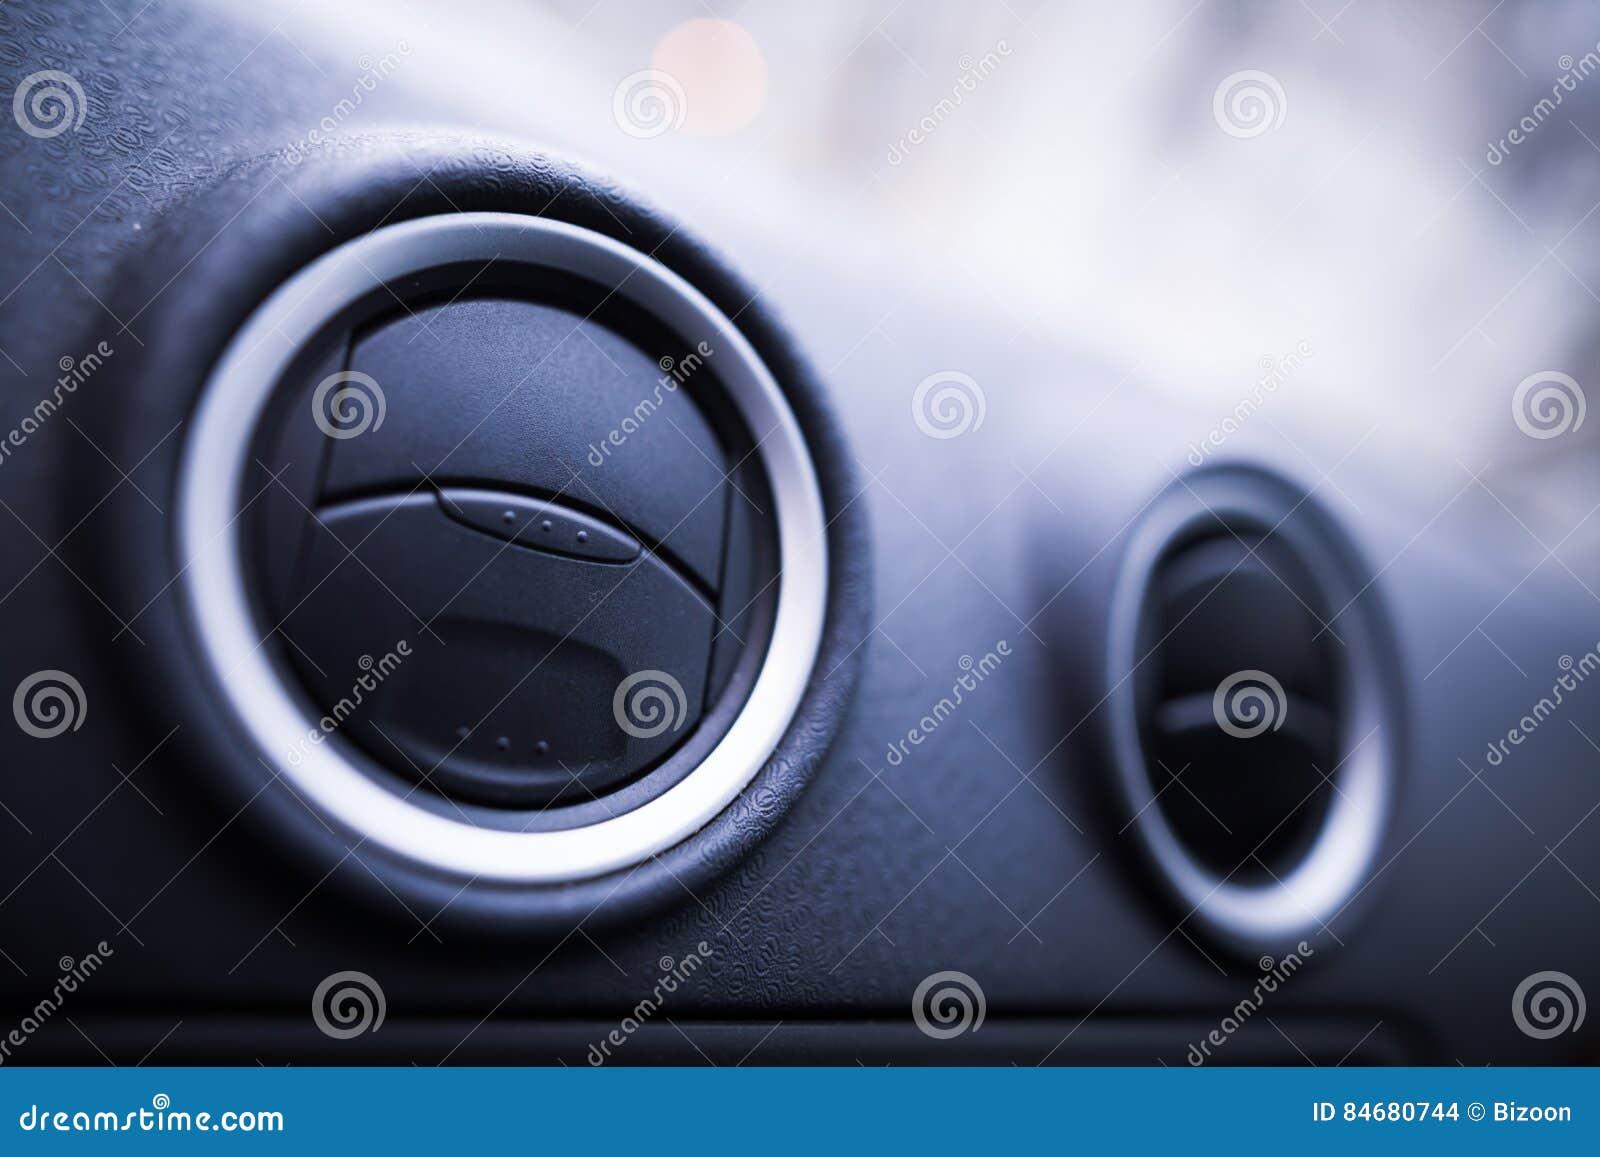 Car air vents detail